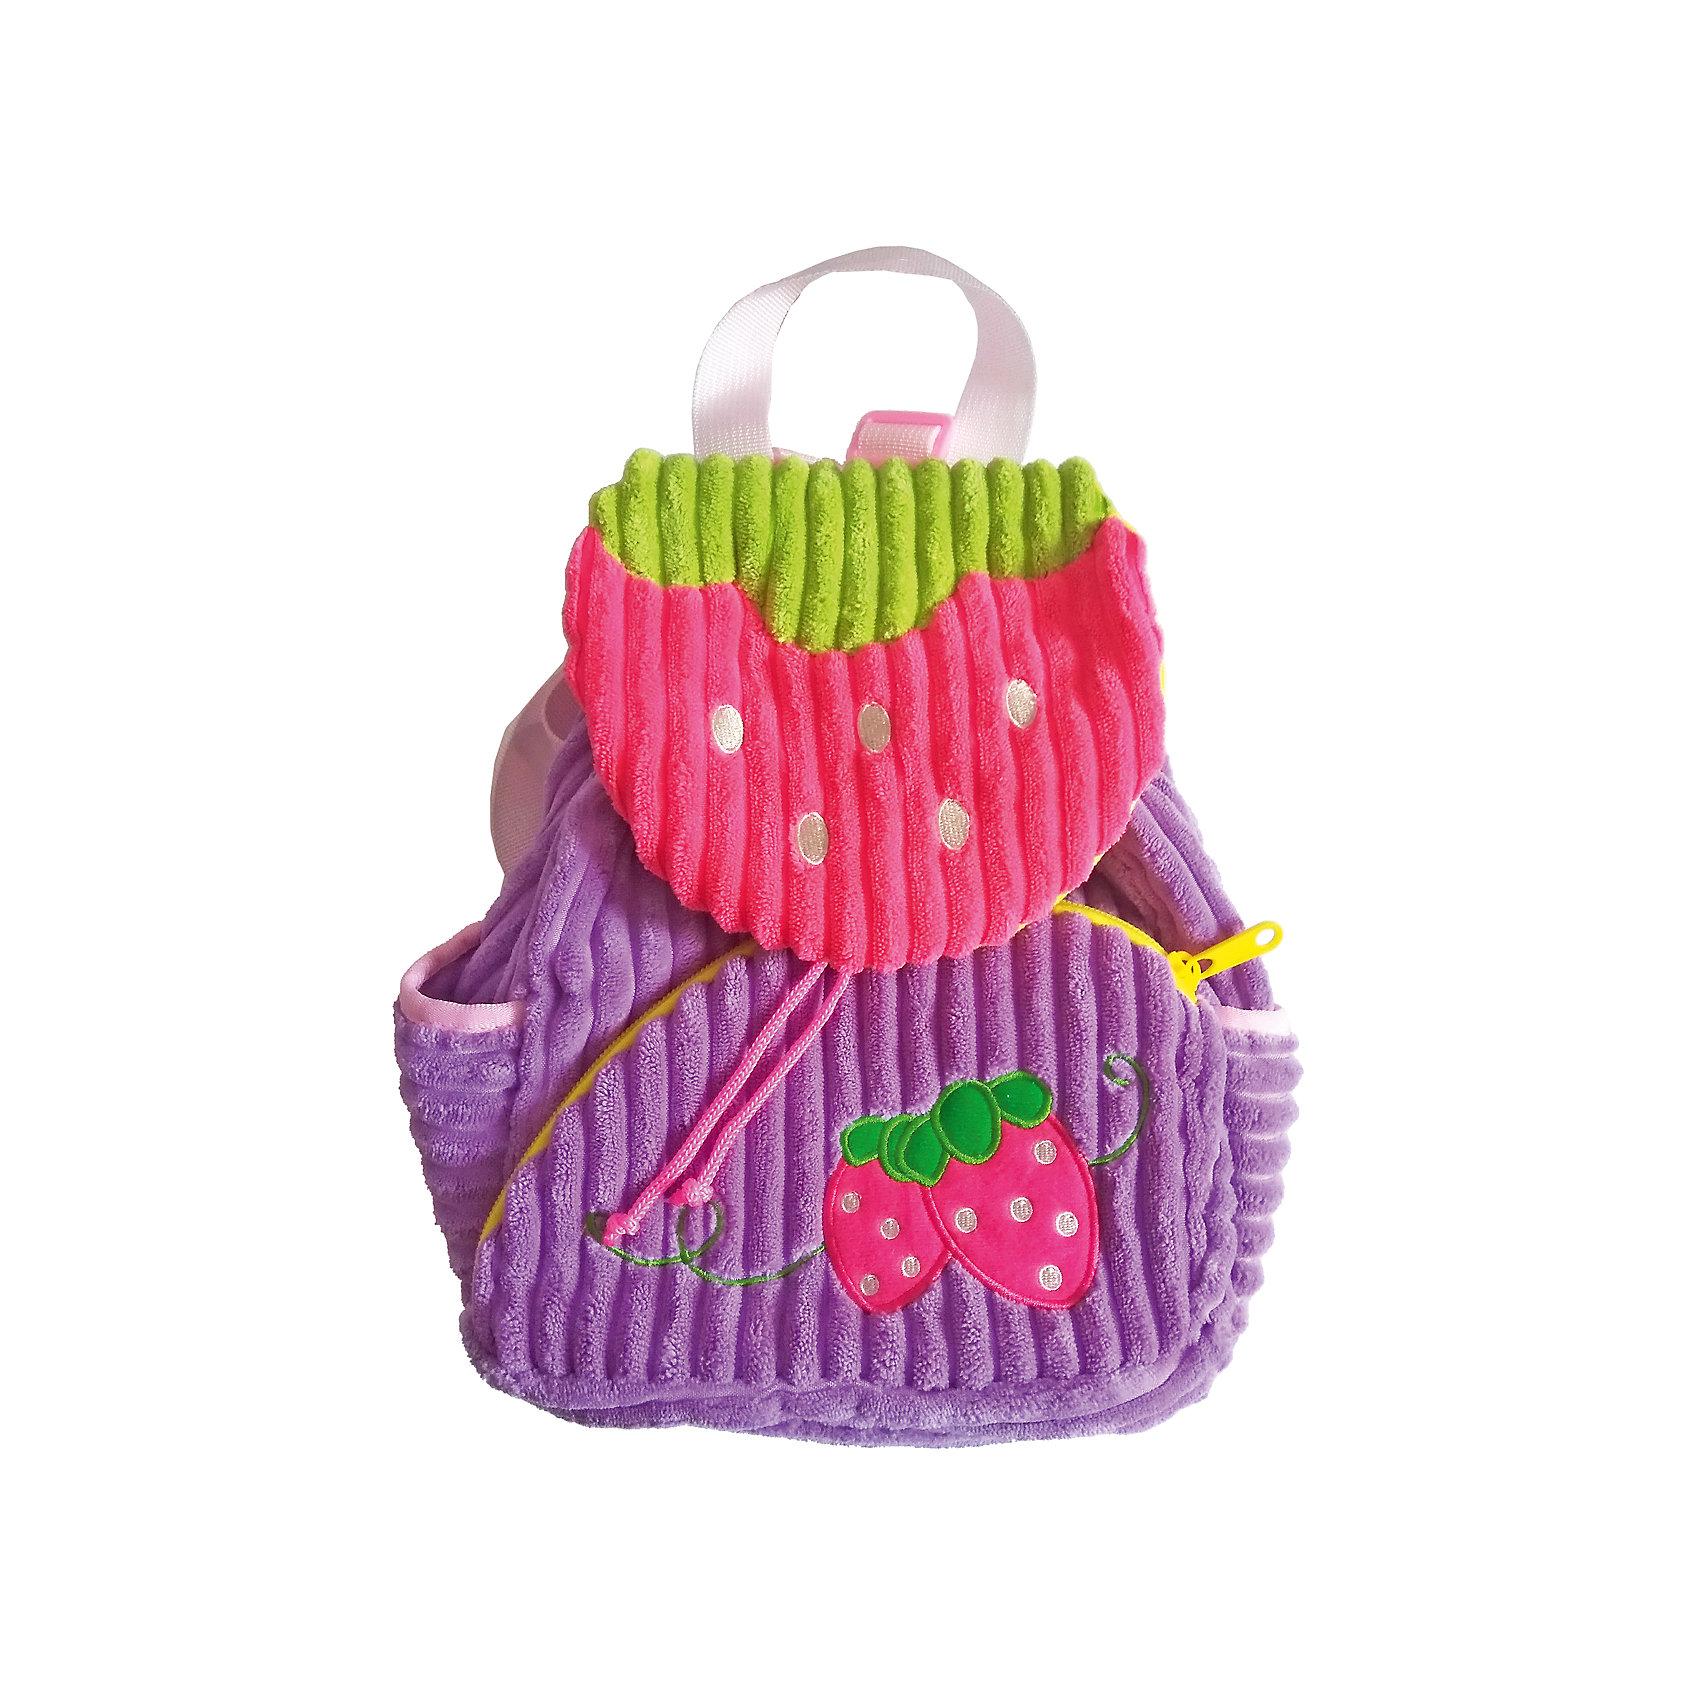 Рюкзачок Ягодка, сиренево-розовый,  20*28 см.Детские рюкзаки<br>Яркий и мягкий рюкзачок Ягодка - специально для малышей! Он легкий и имеет небольшой размер - 20х28 см. Основное отделение затягивается на ремешок и закрывается клапаном. Спереди - карман на молнии, по бокам маленькие кармашки. Лямки регулируемые.<br><br>Ширина мм: 200<br>Глубина мм: 280<br>Высота мм: 800<br>Вес г: 175<br>Возраст от месяцев: 36<br>Возраст до месяцев: 2147483647<br>Пол: Женский<br>Возраст: Детский<br>SKU: 5508547